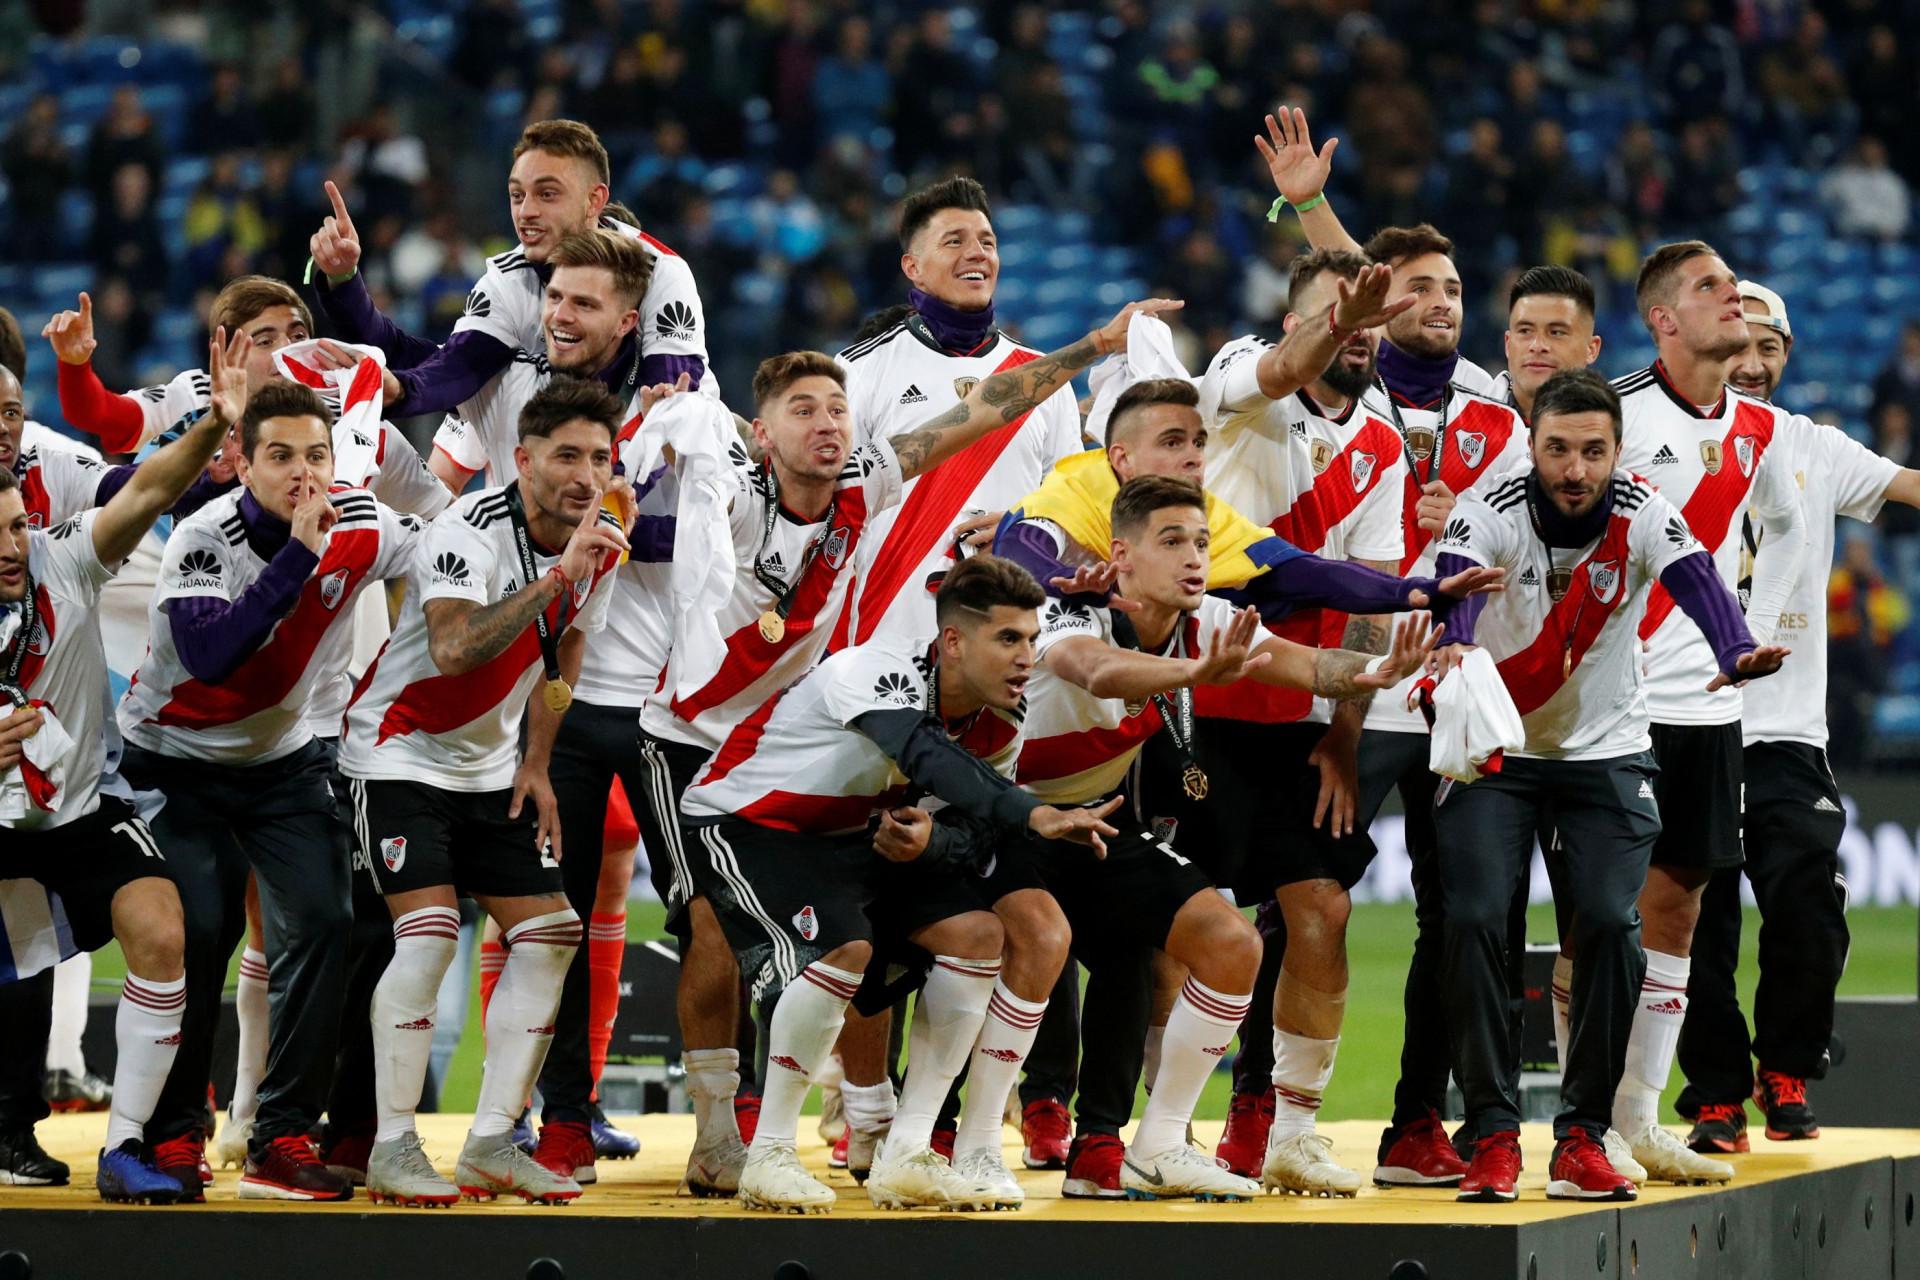 Por fim, o futebol: As melhores imagens da 'louca' final da Libertadores